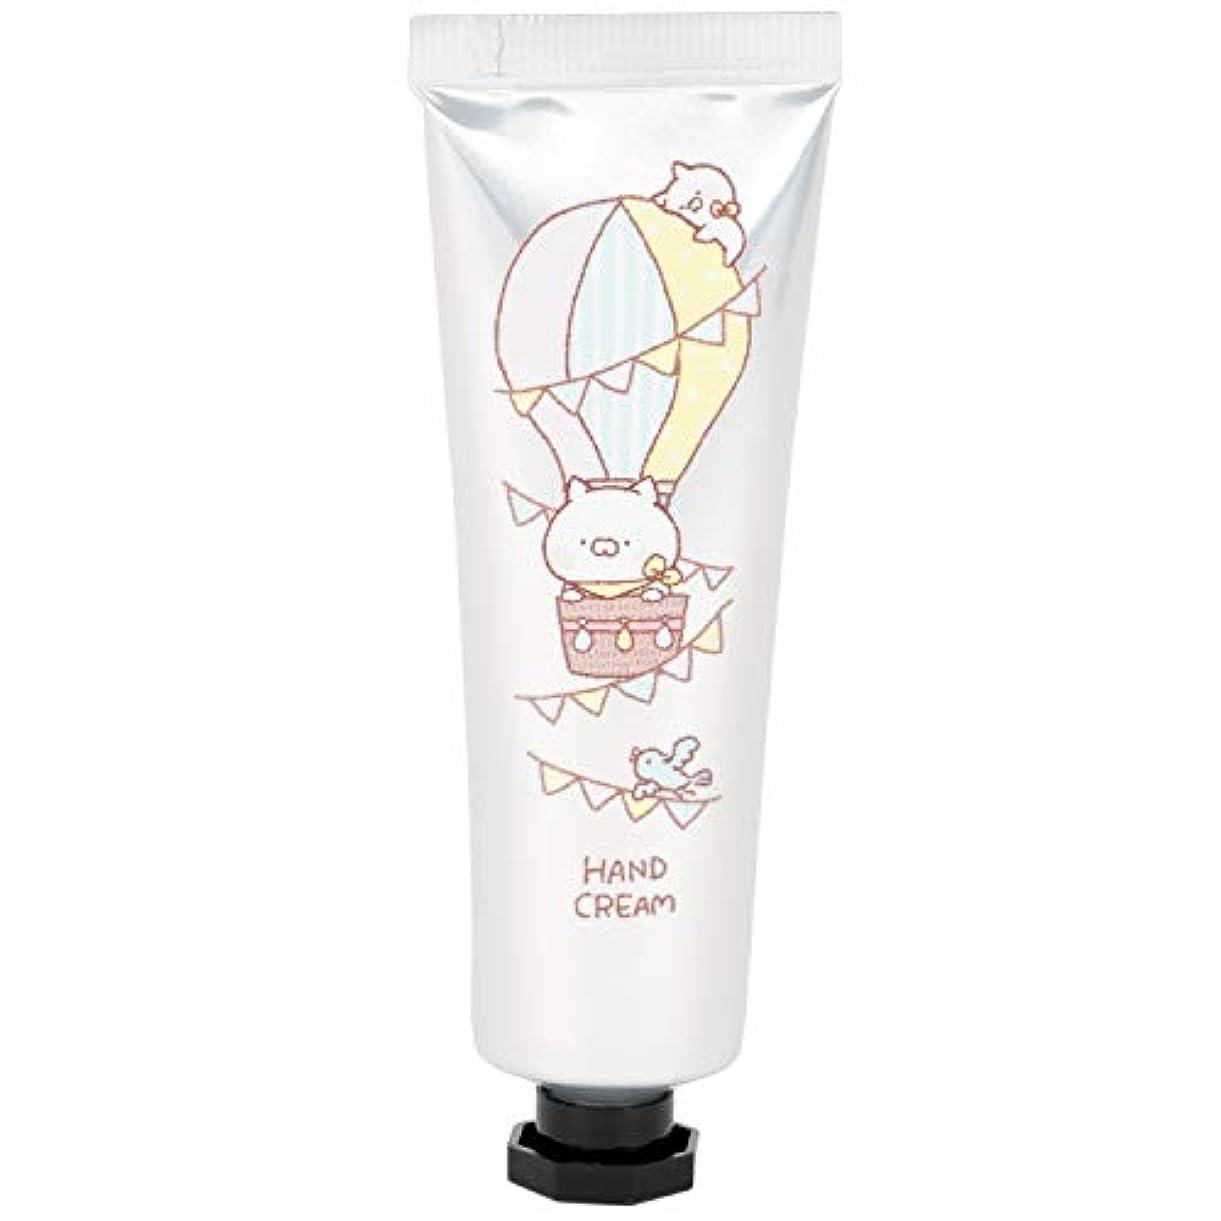 養う棚実際のノルコーポレーション ハンドクリーム こどもにゃんこ 保湿成分配合 ABD-063-001 ラズベリーの香り 27g